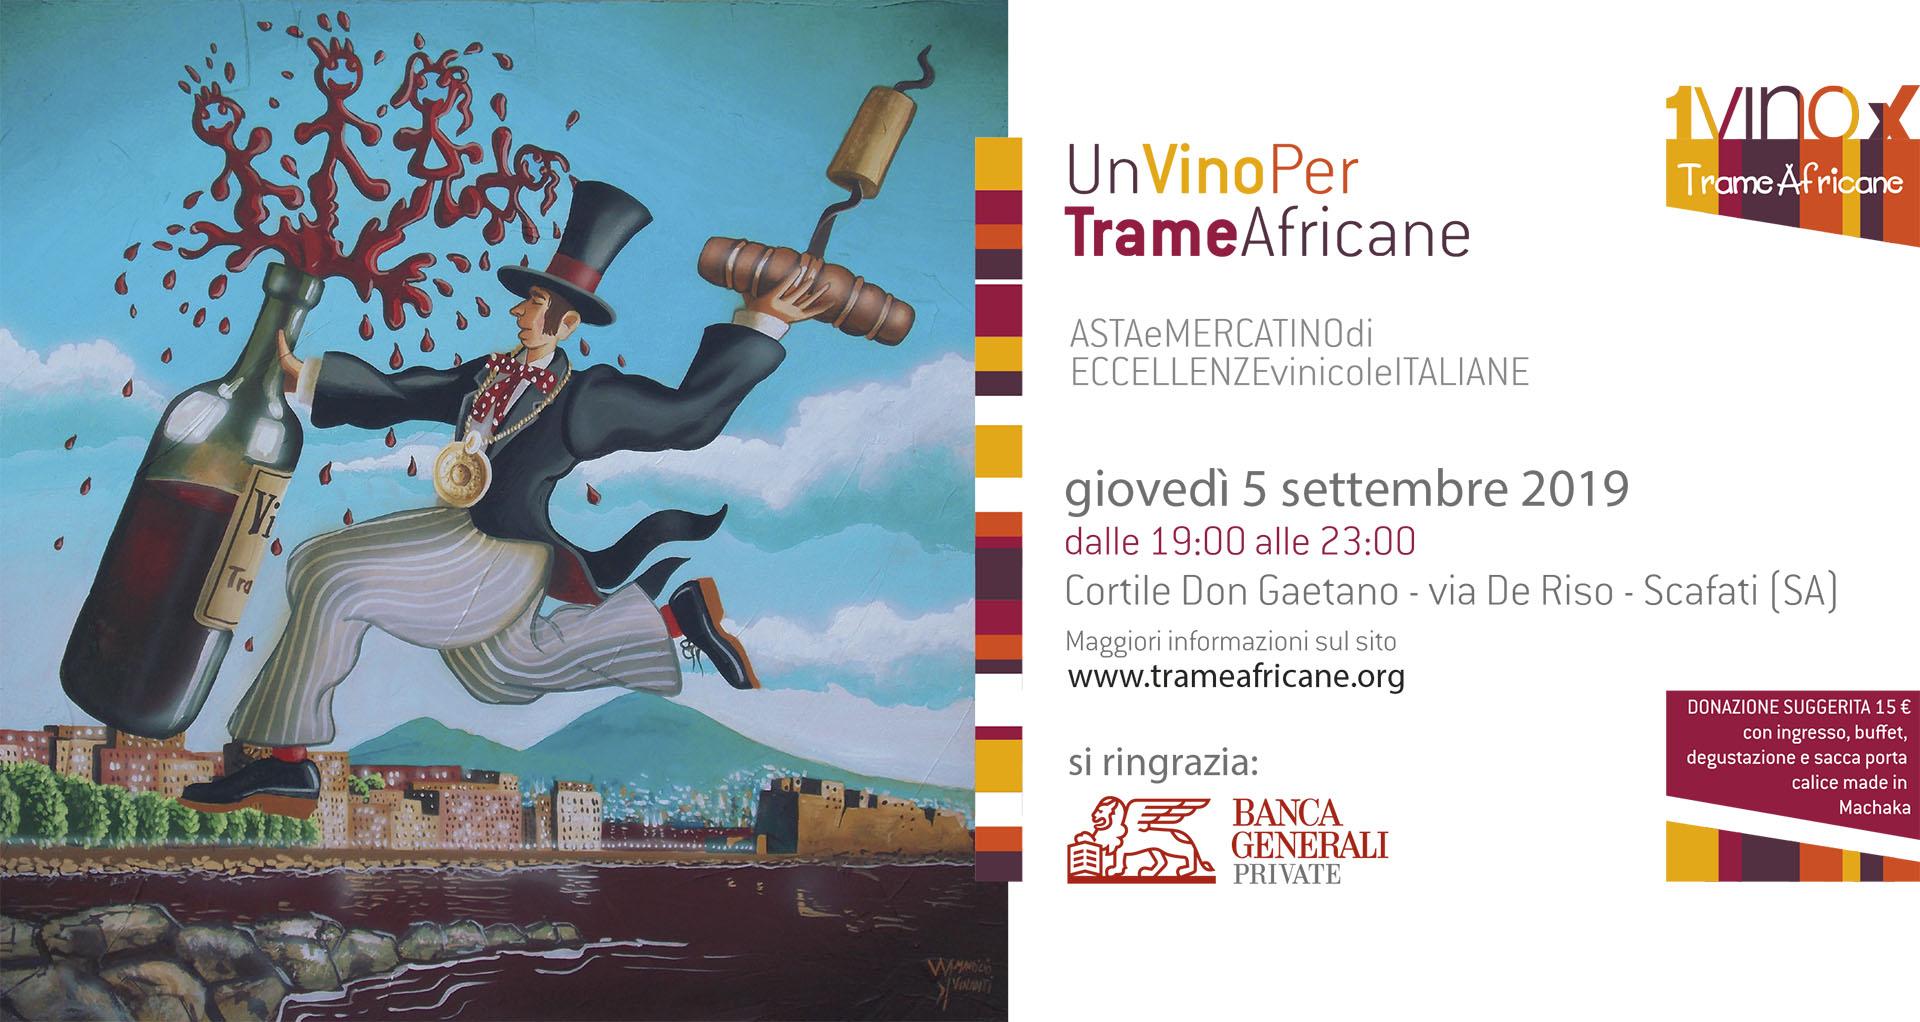 Invito per Un vino per Trame Africane